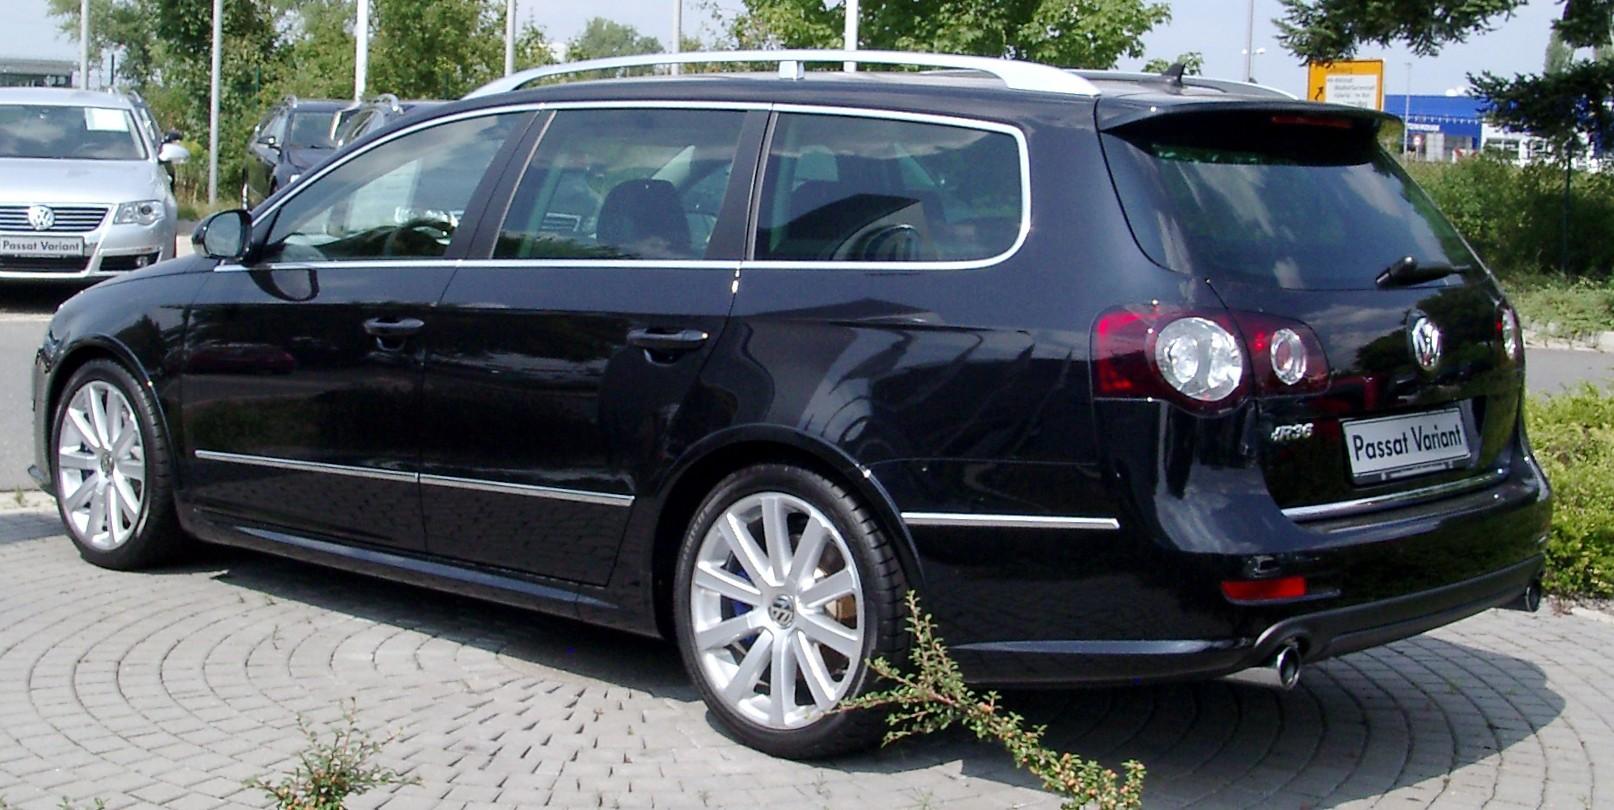 Description vw passat variant r36 rear 20080801 jpg 2008 volkswagen passat r36